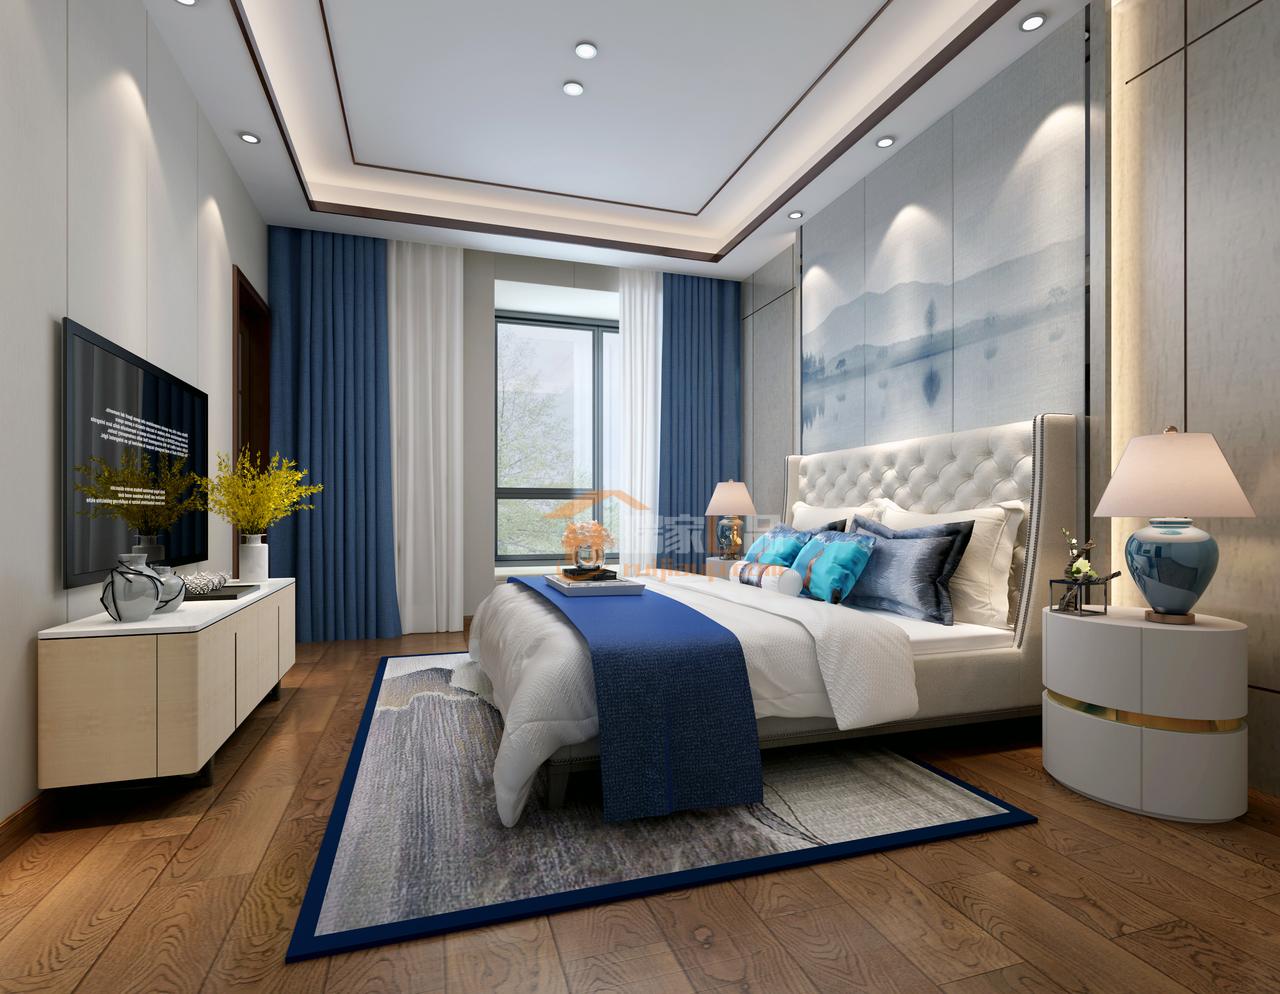 贵阳宇虹万花城复式楼装修,新中式风格设计效果图,预约此设计:0851-84875896.